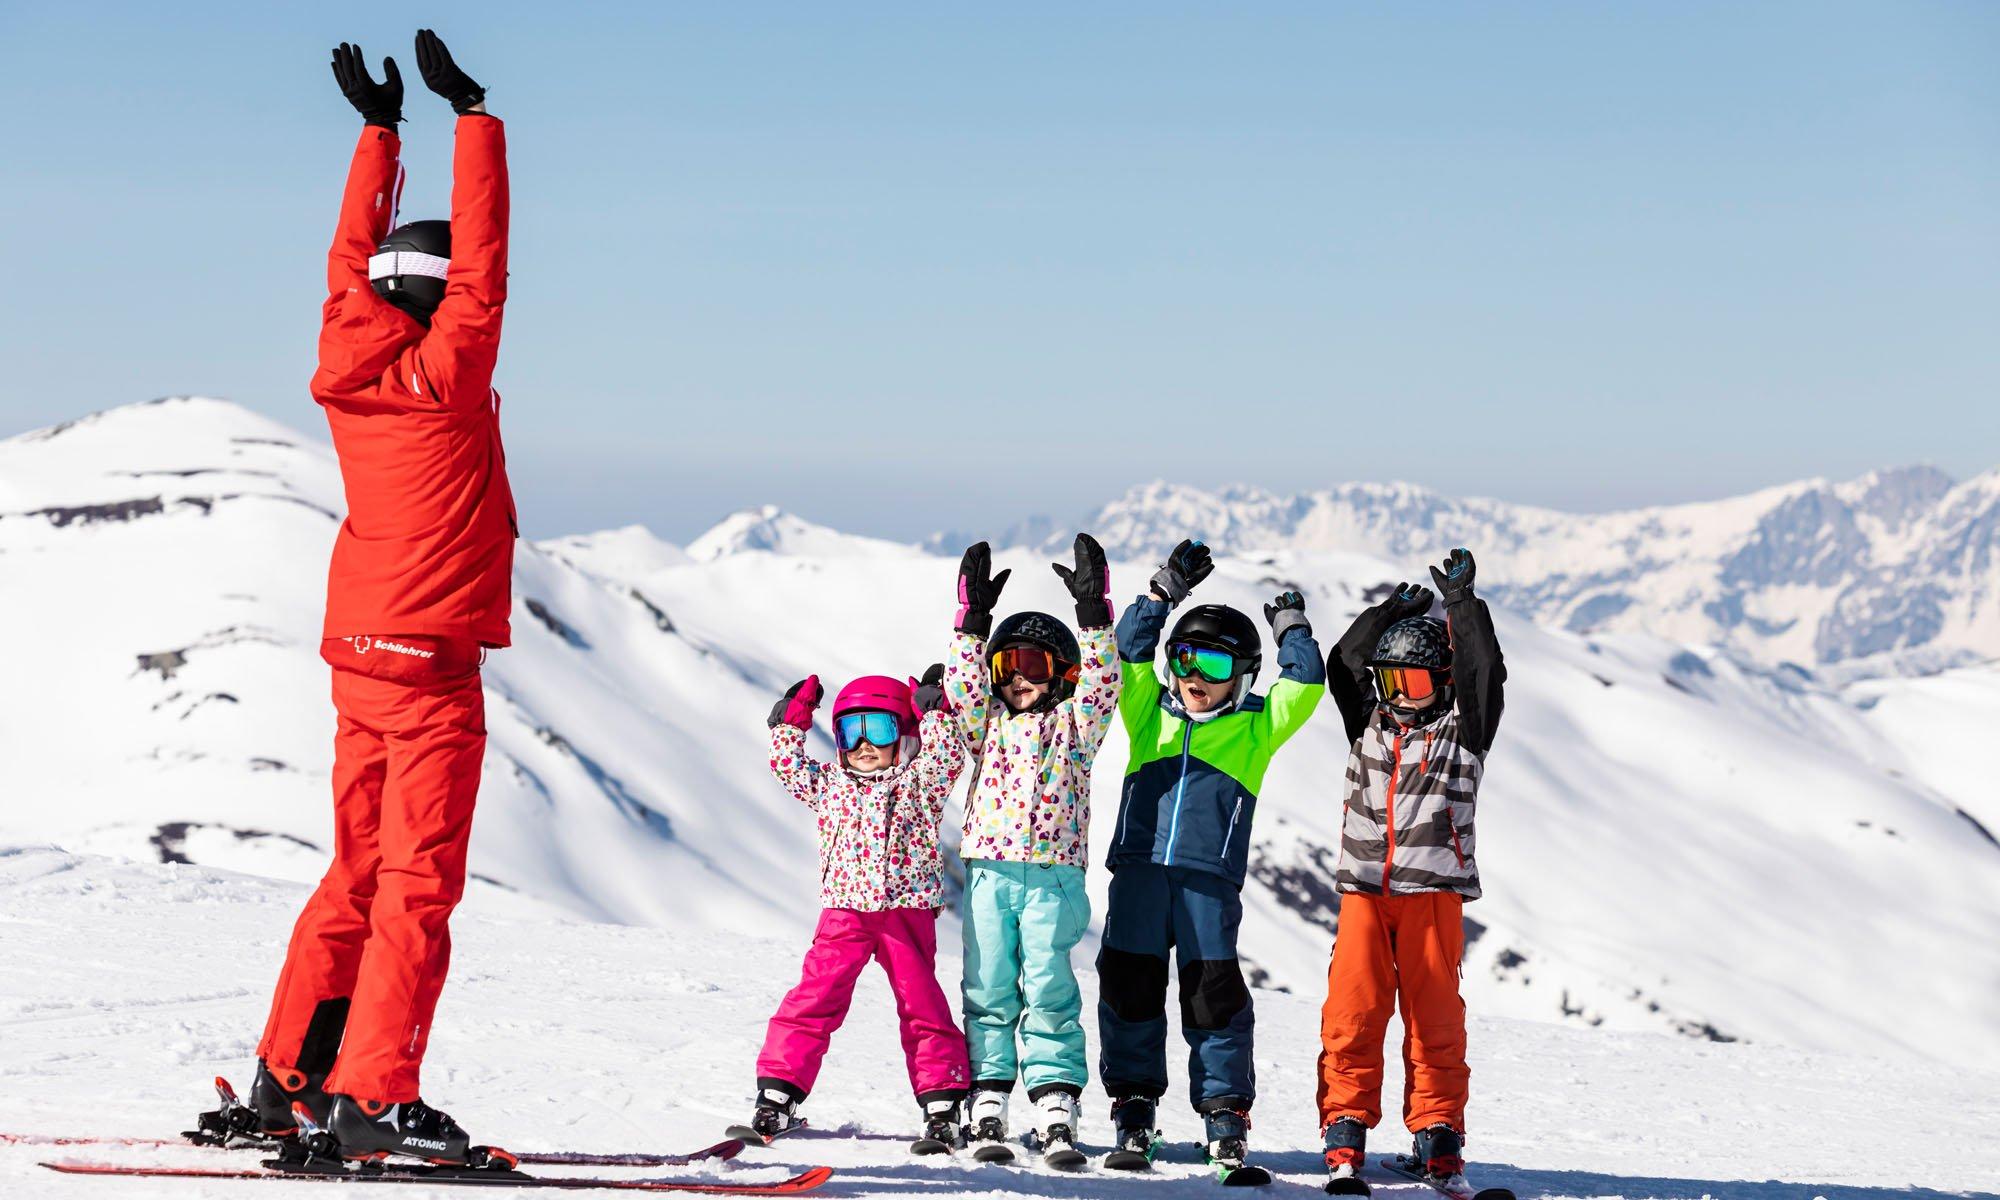 Een skileraar doet de wave met een groepje kinderen.